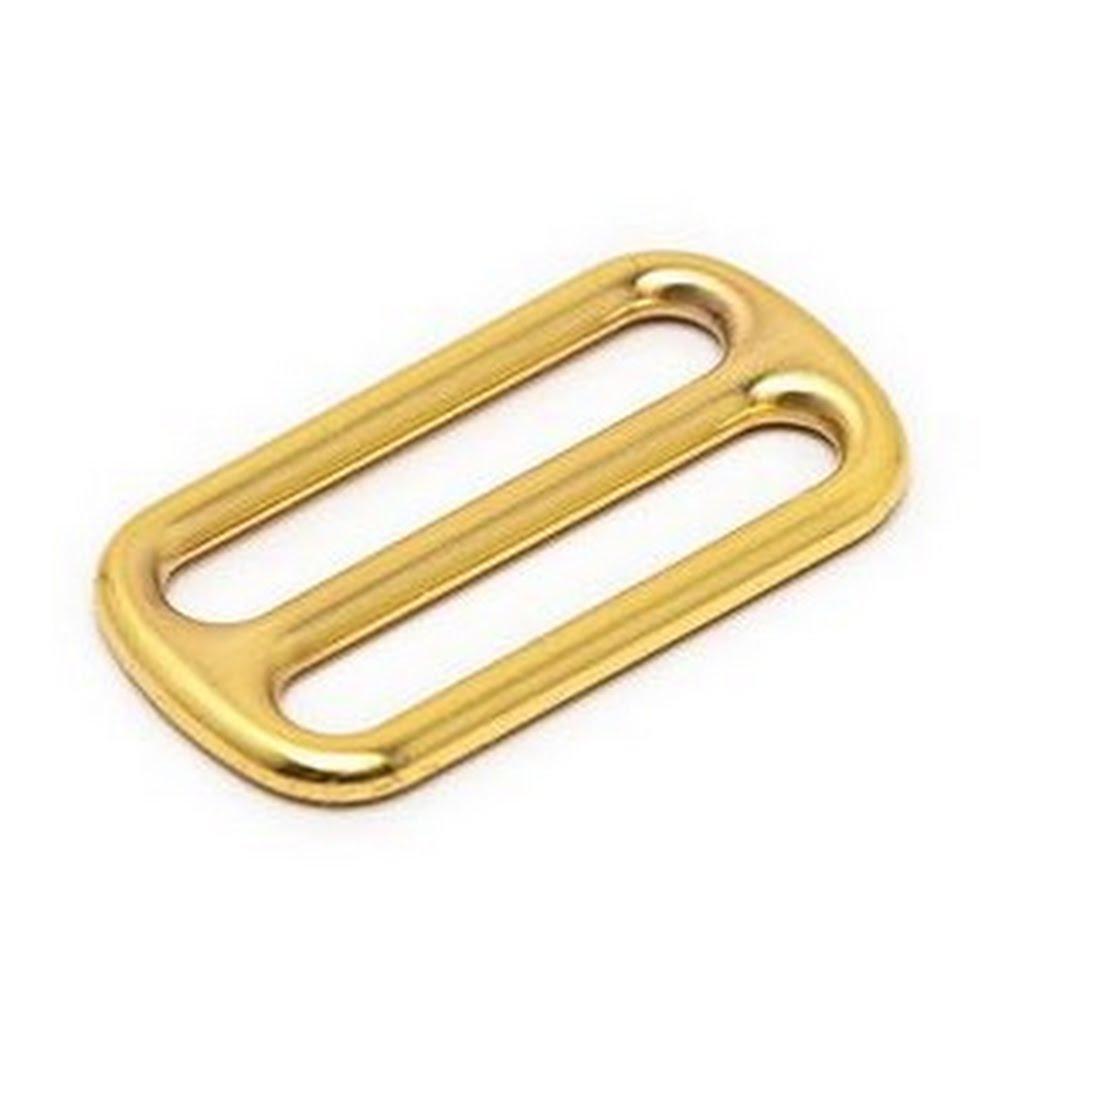 Taschenzubehör - 38mm Schieber GOLD